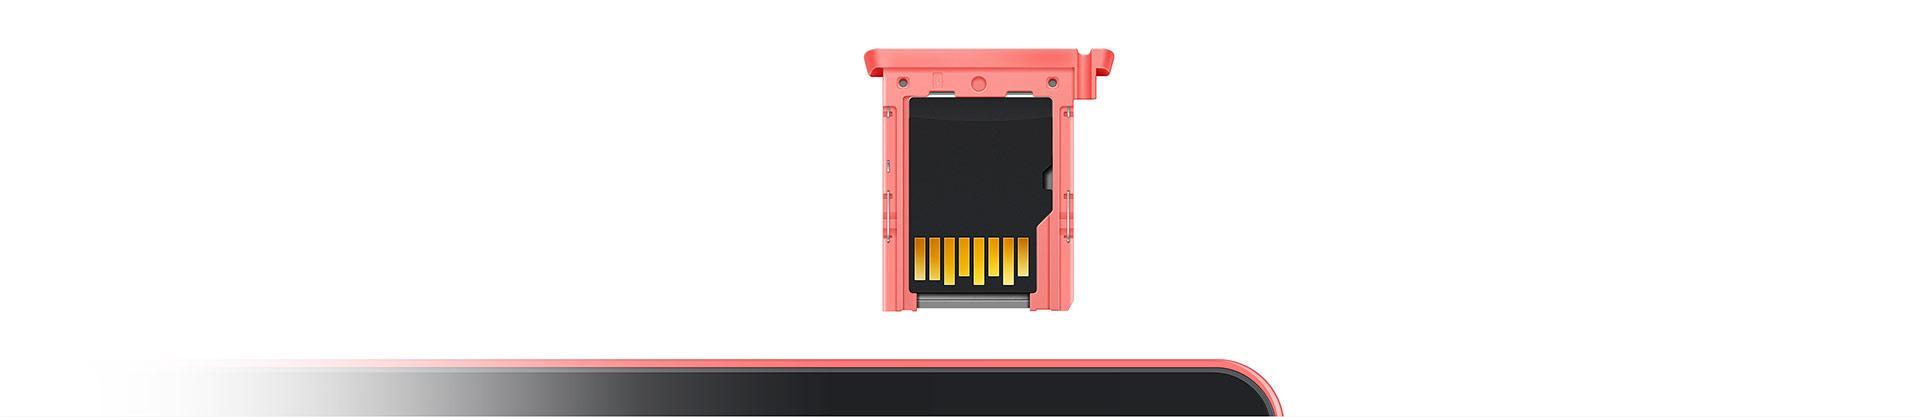 Mi pad suporta 128GB de memória Ram